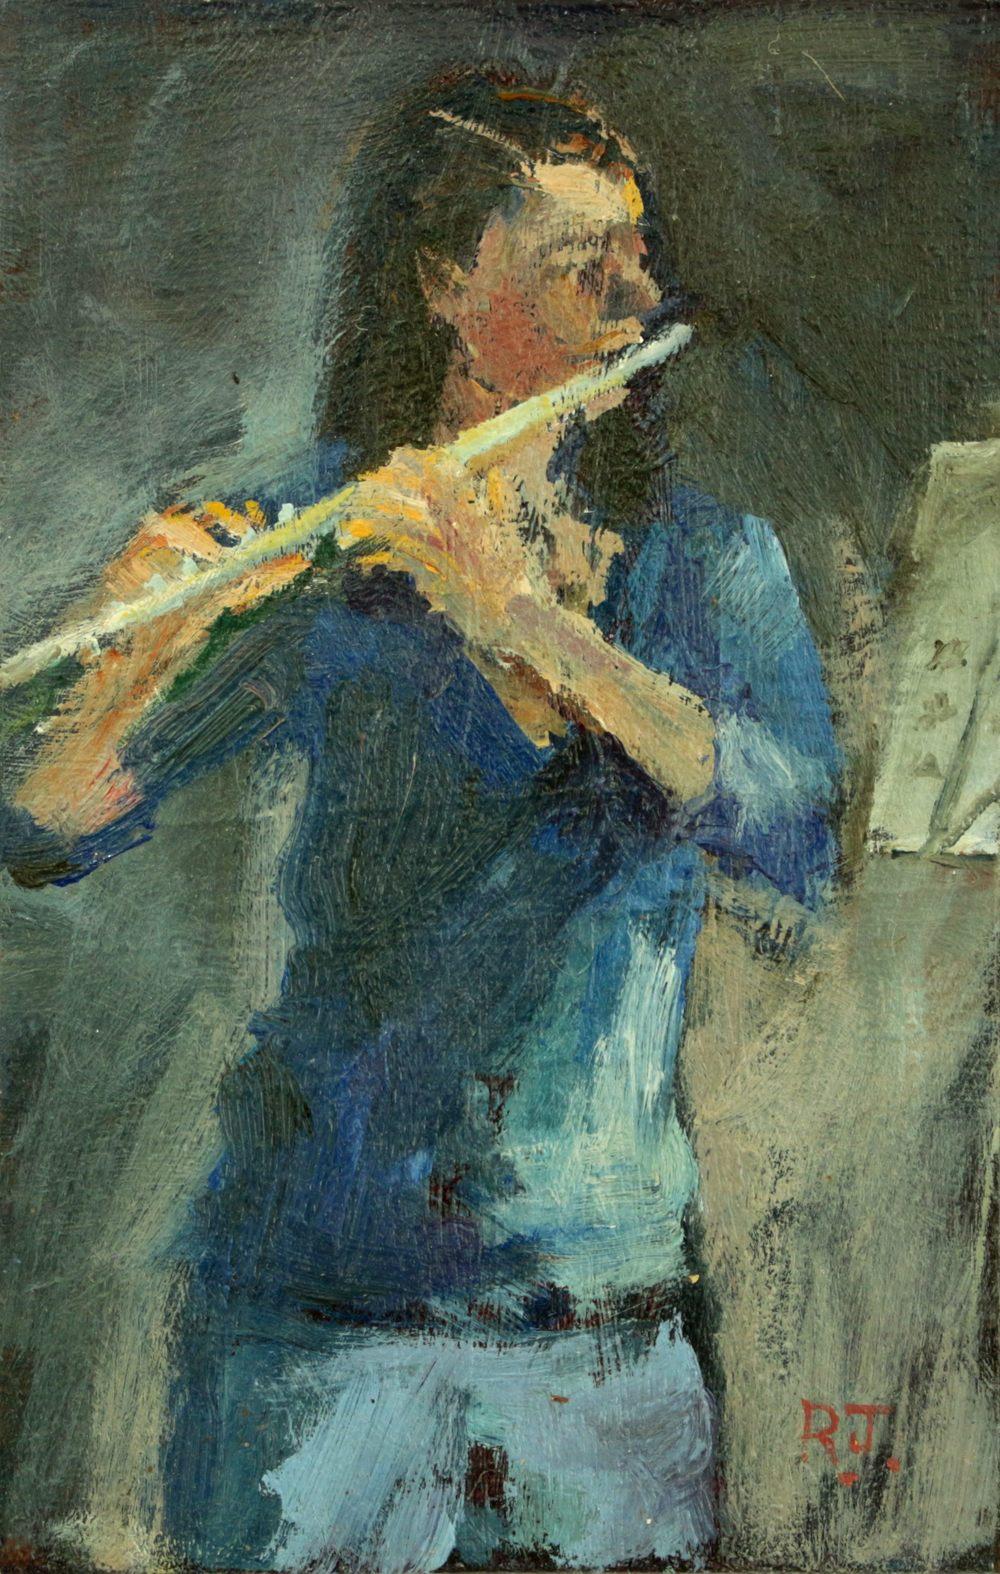 107. flautist